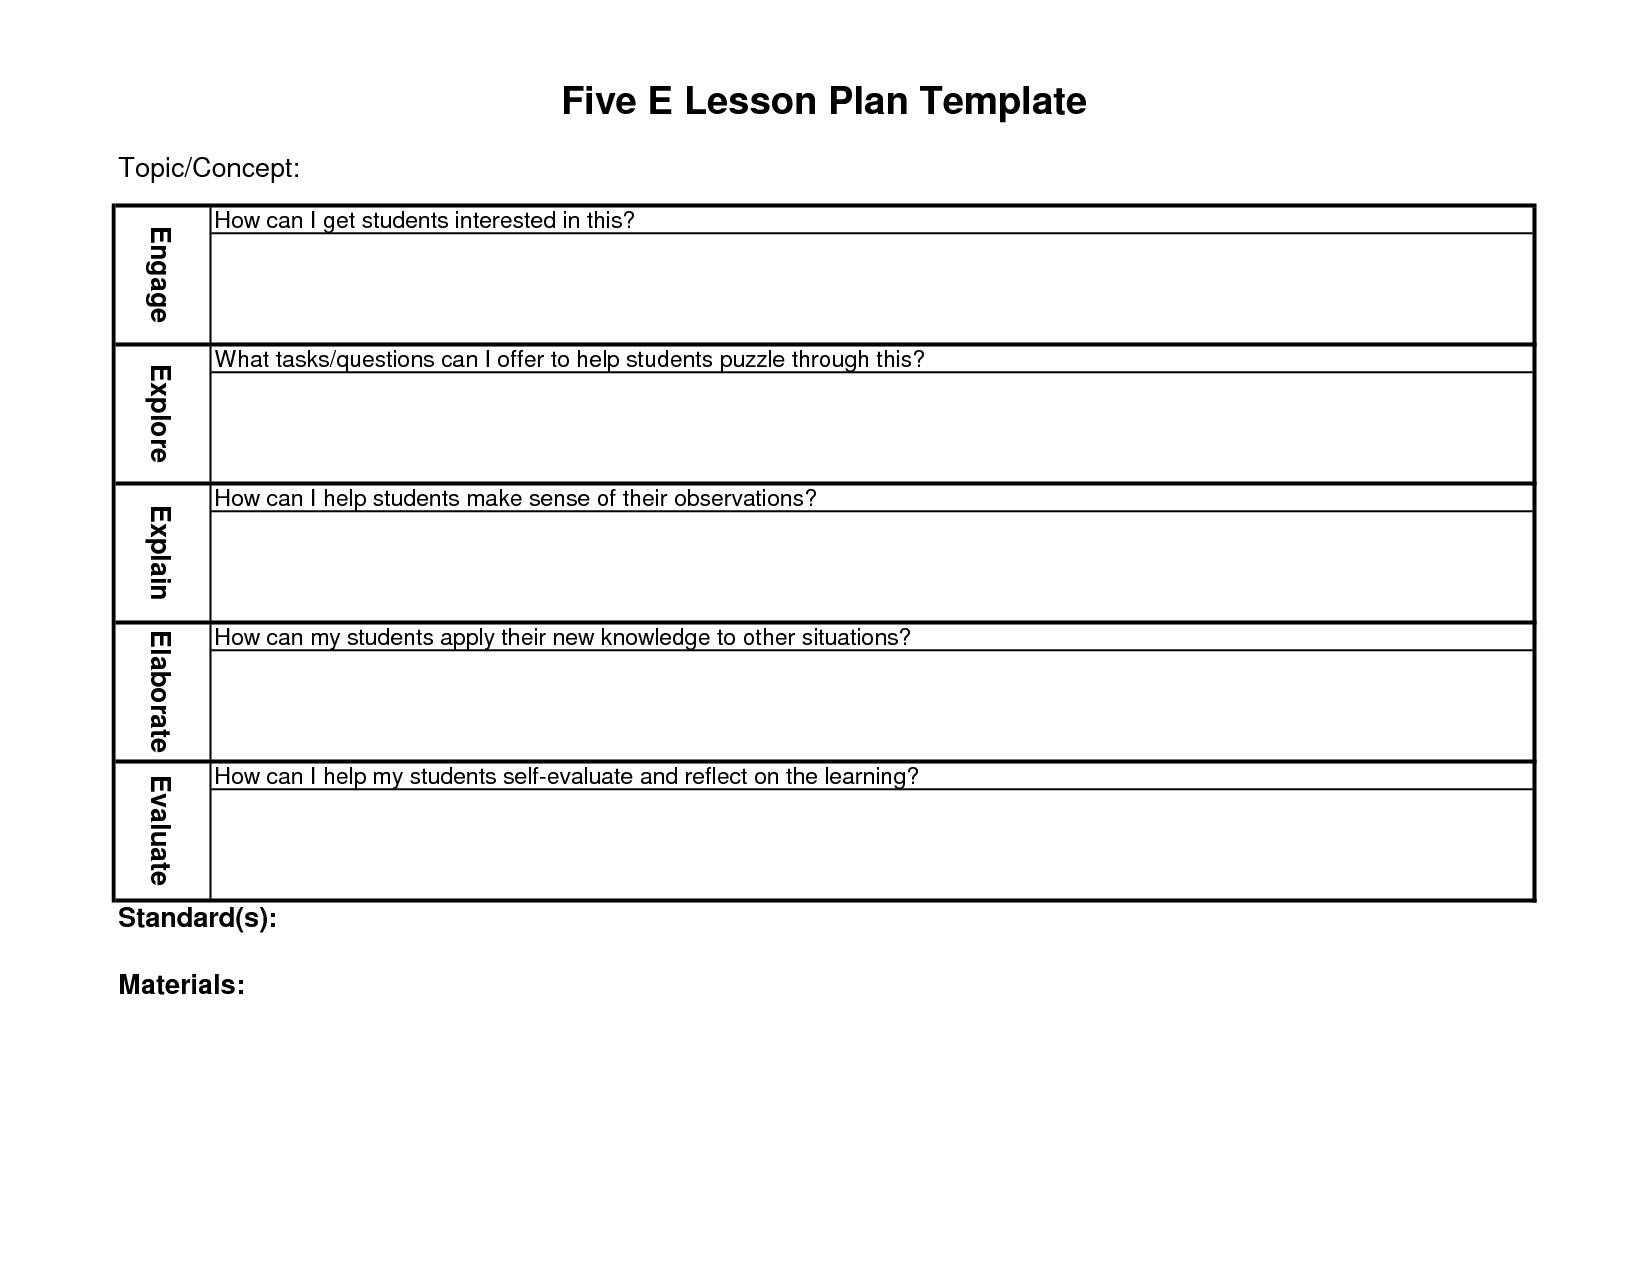 5 E Lesson Plan Template